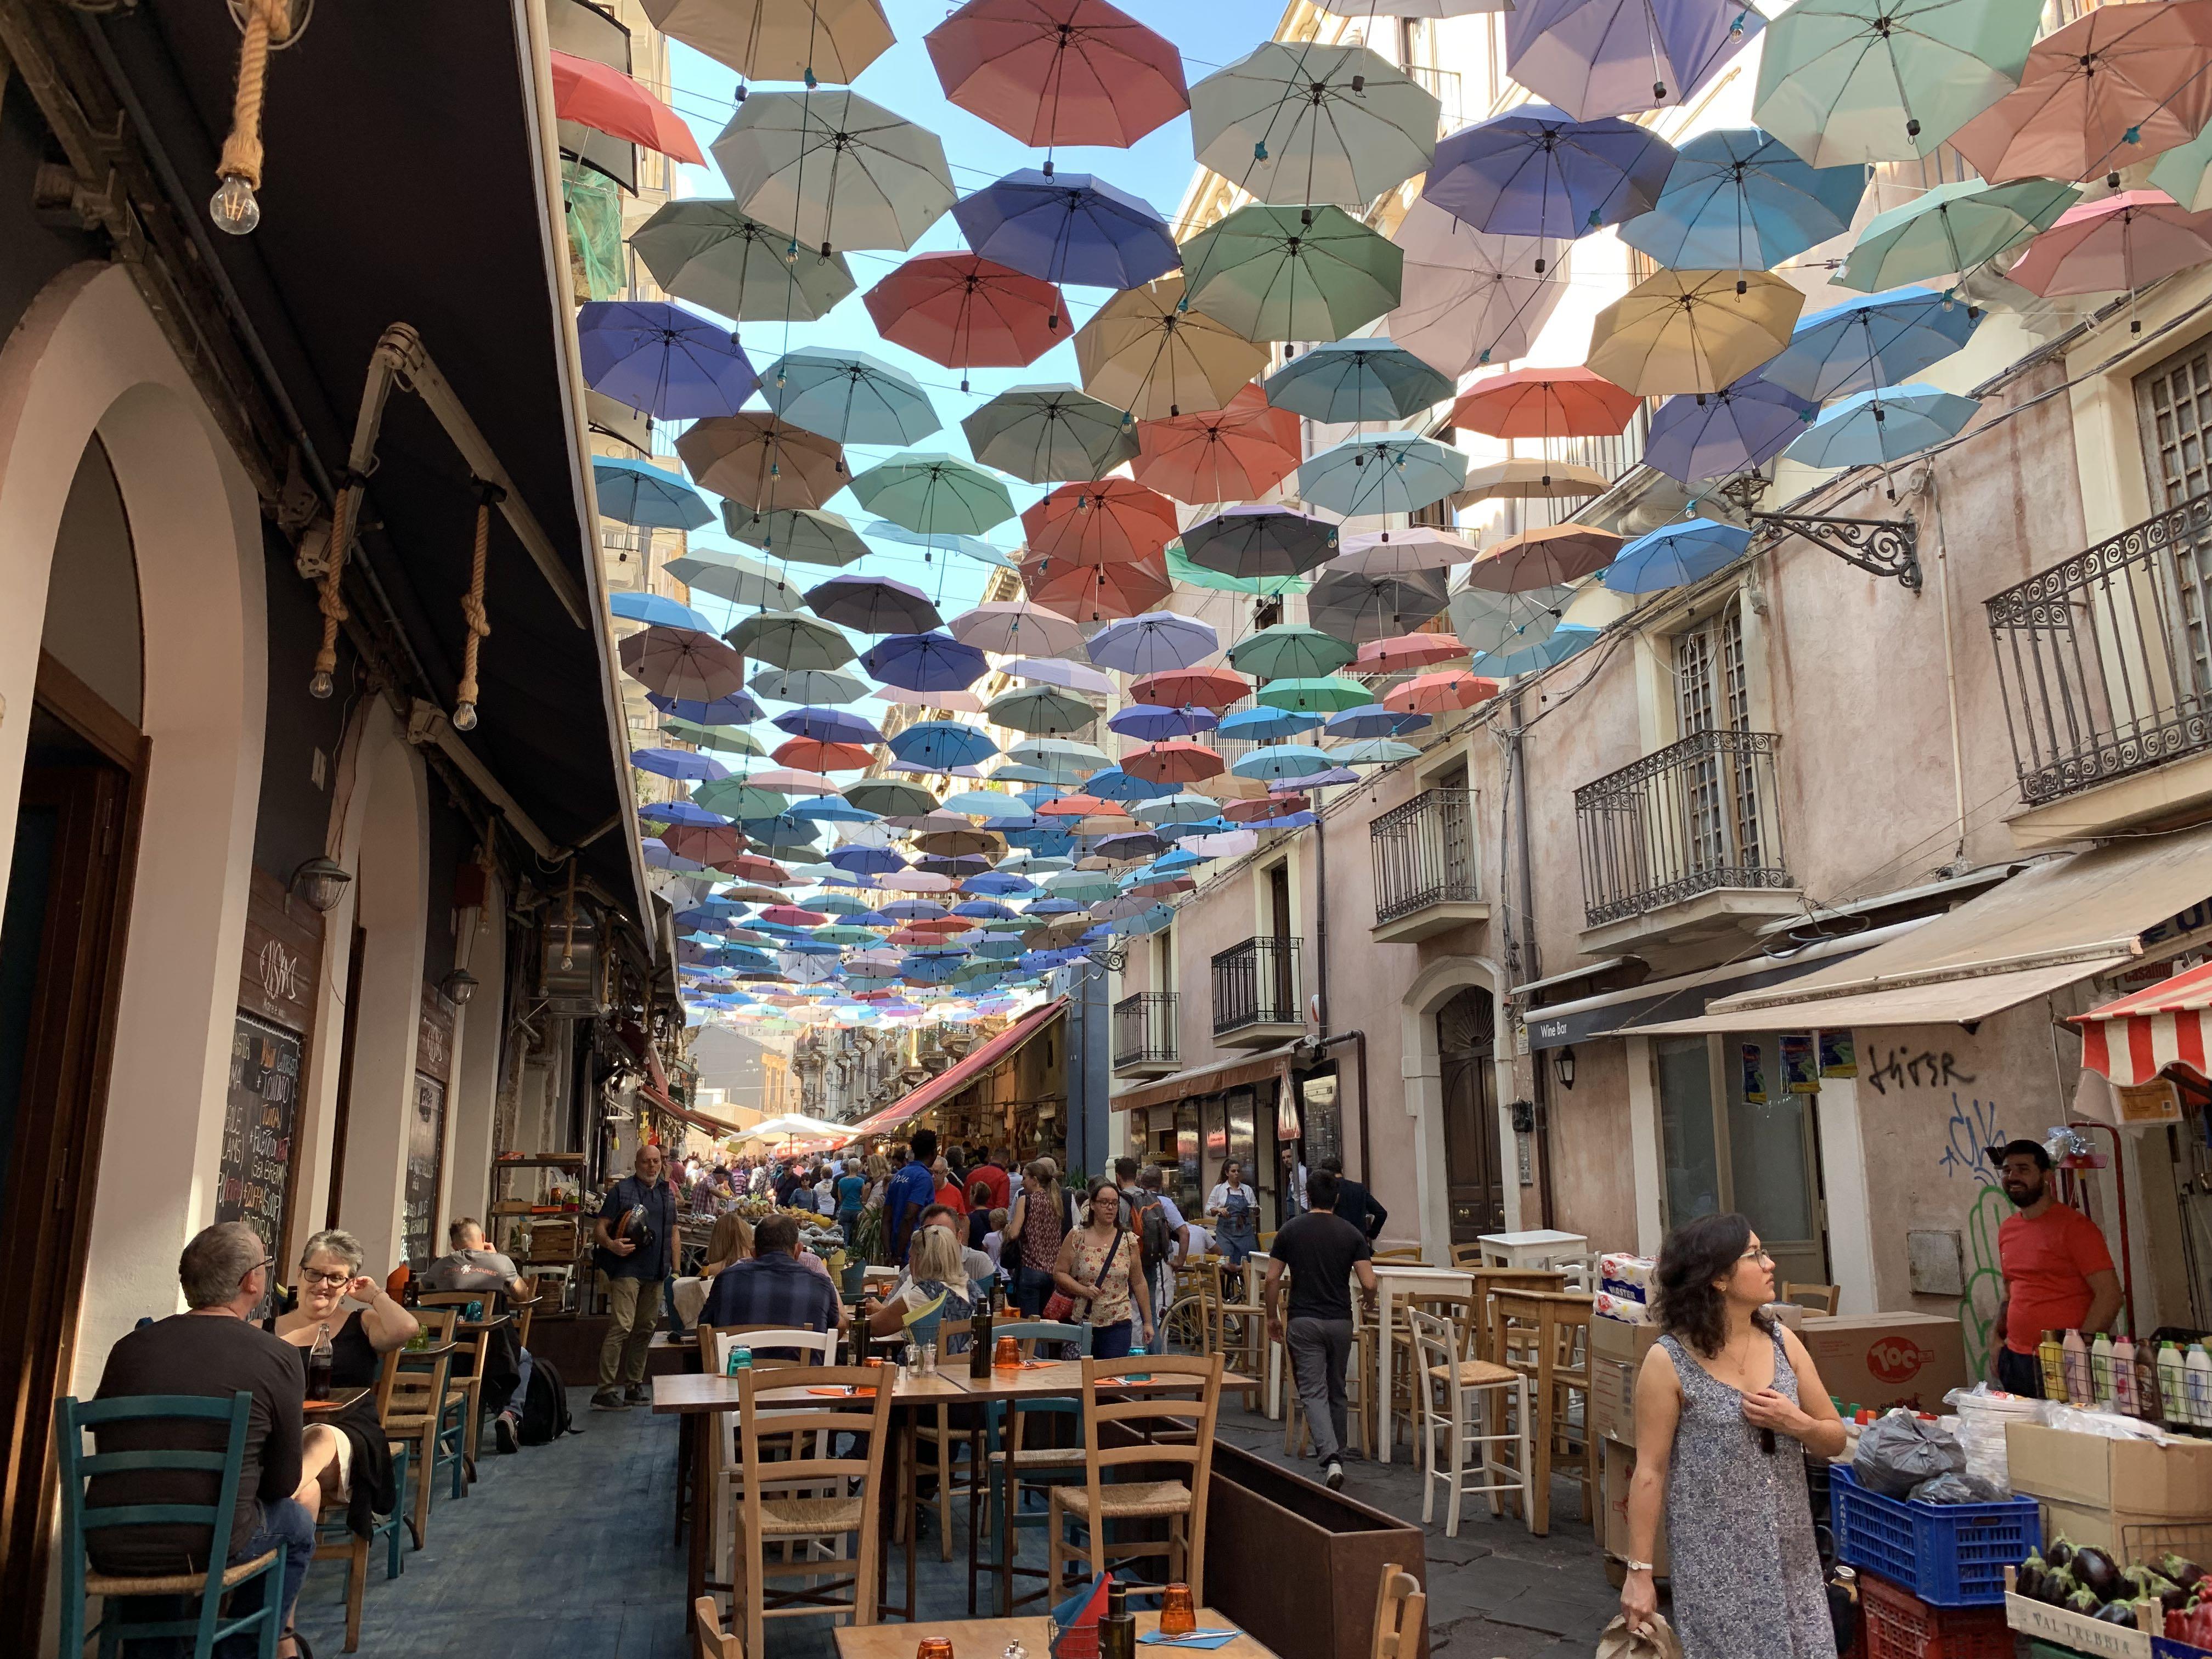 Tiens, on voit les parapluies de Vesoul à Catane